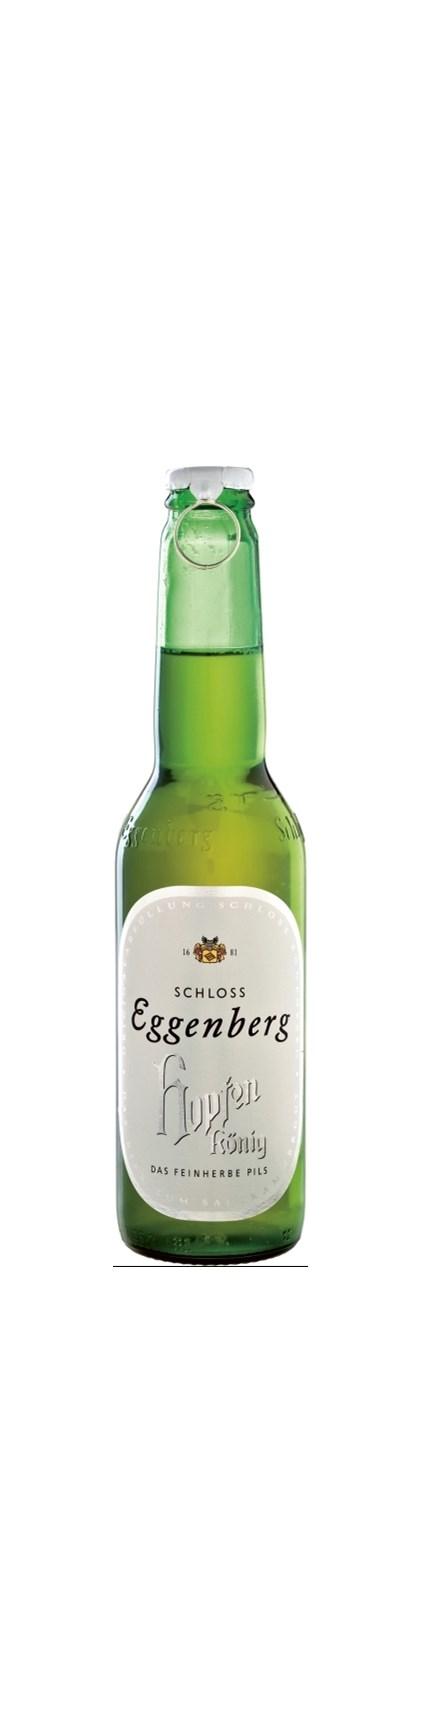 Eggenberg Hopfenkönig 330ml